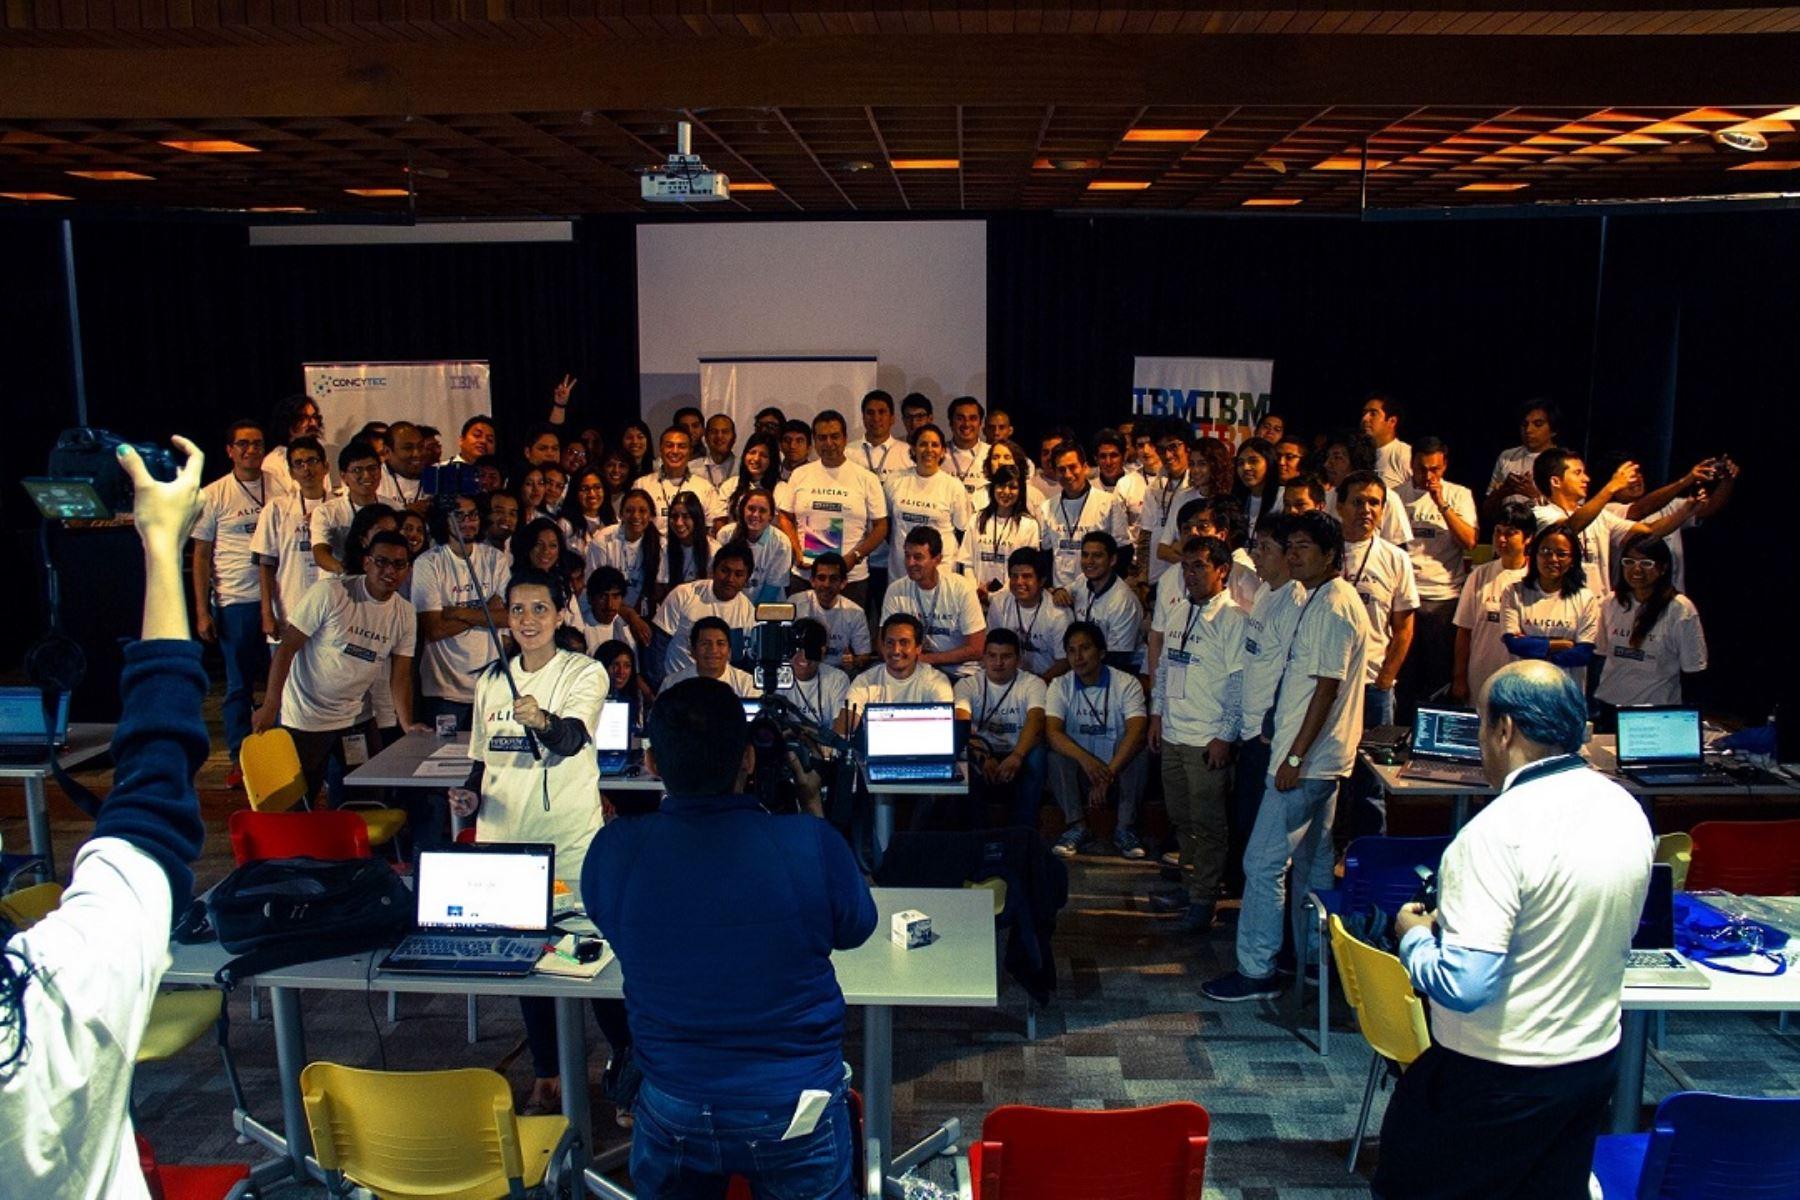 """La """"Hackathon para la Innovación 2015"""", que congrega a jóvenes programadores peruanos, quienes compiten de forma ininterrumpida en la elaboración de aplicativos que ayuden en las necesidades del sector salud en el Perú."""